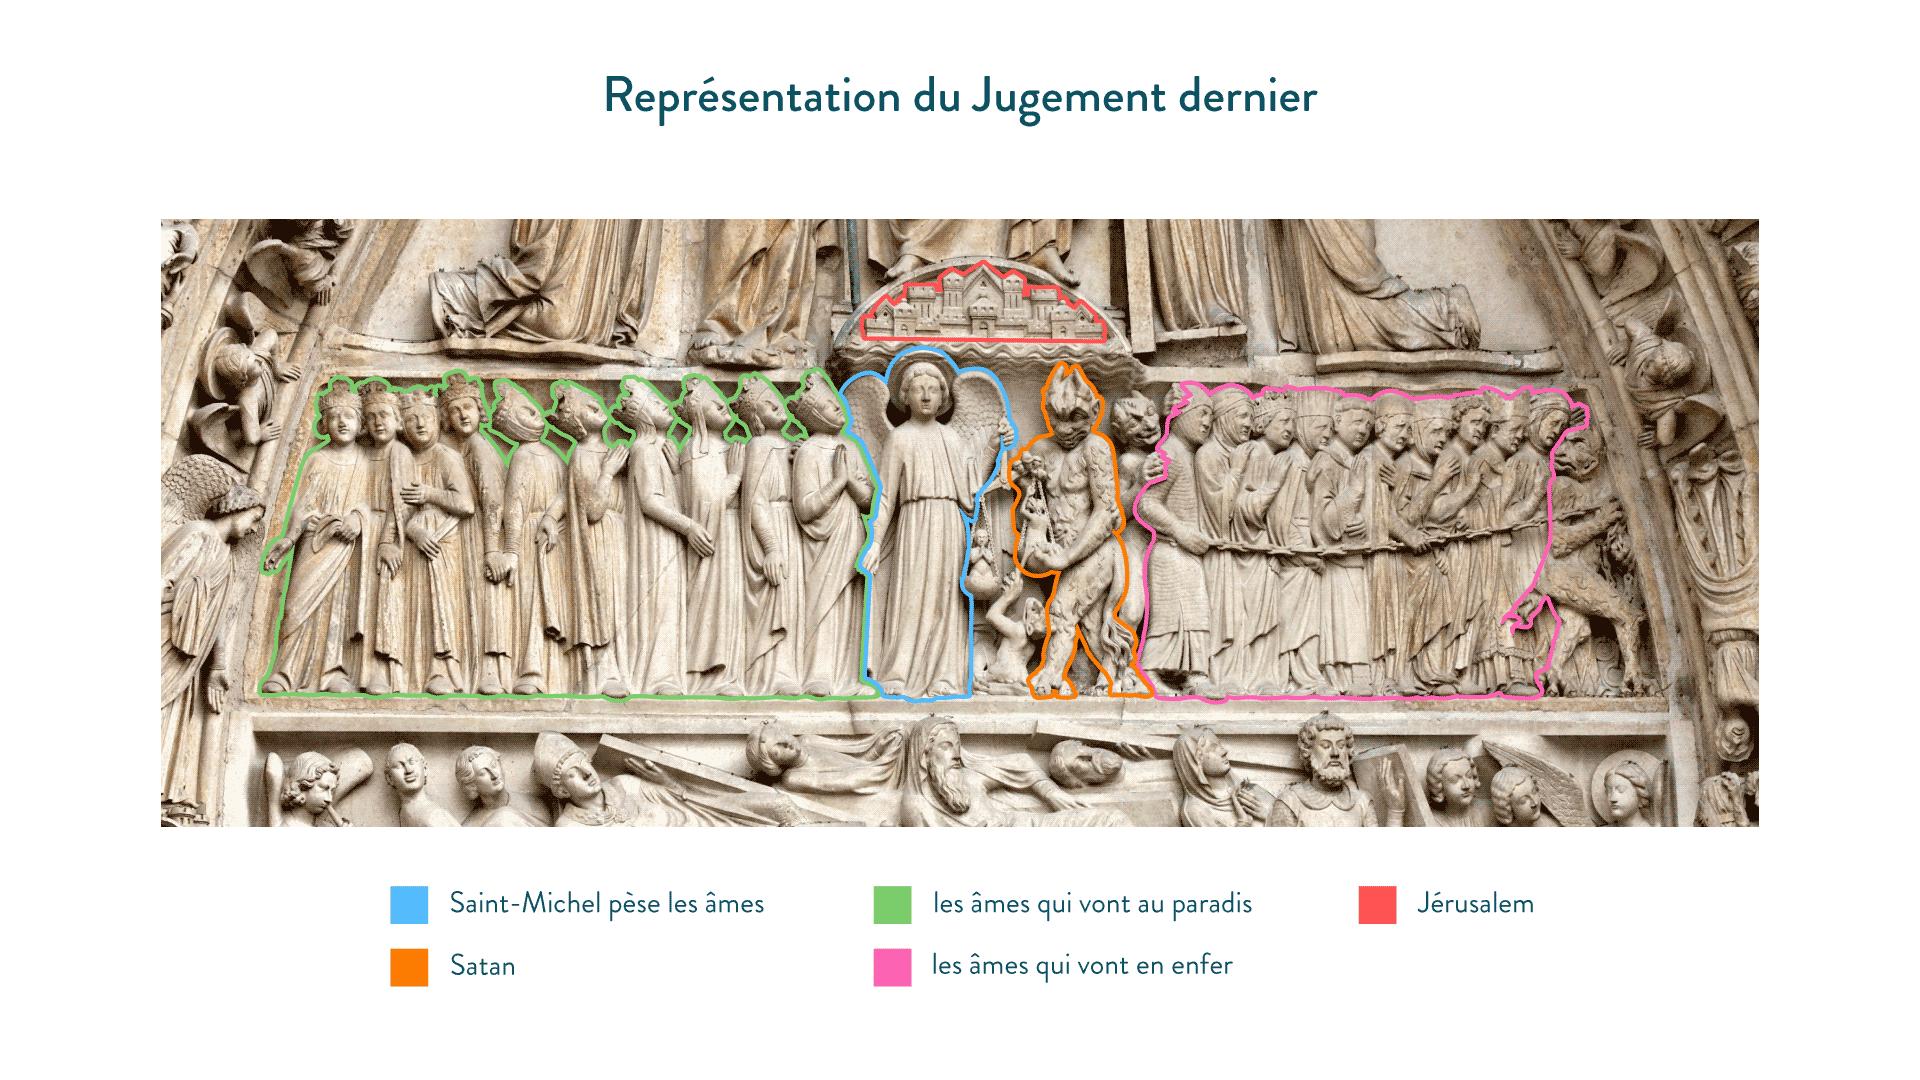 Le Jugement dernier. Détail du portail occidental de la cathédrale Notre-Dame de Paris, réalisé vers 1230 - 5e - histoire